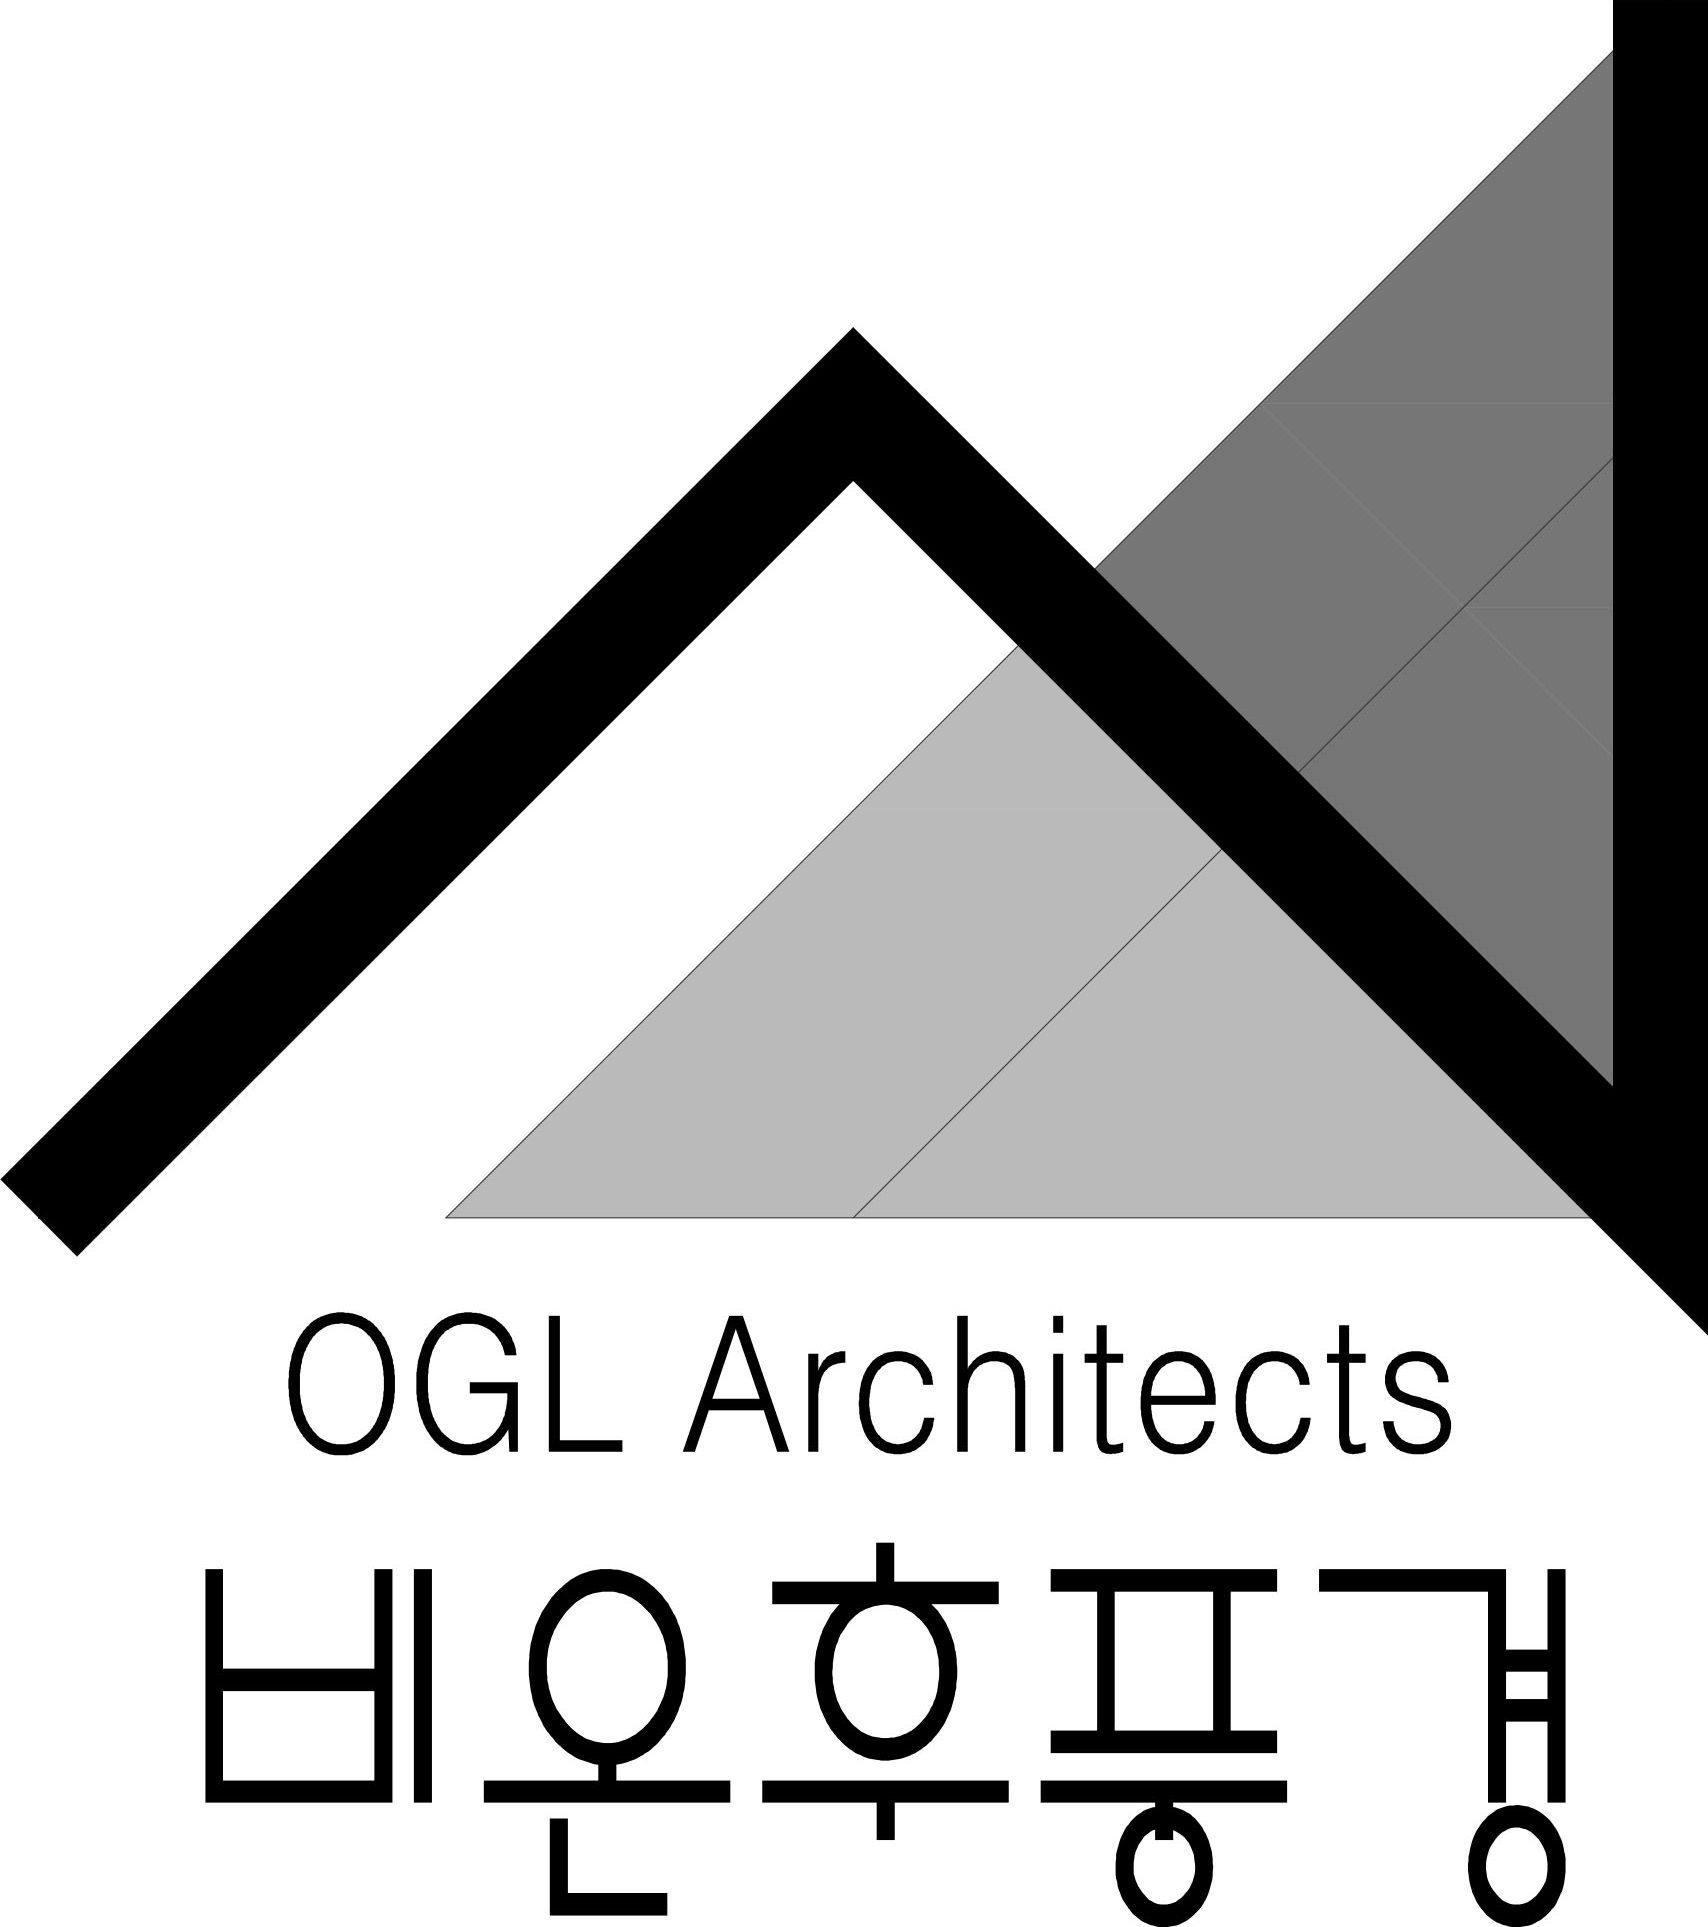 비온후풍경 / OGL Architects